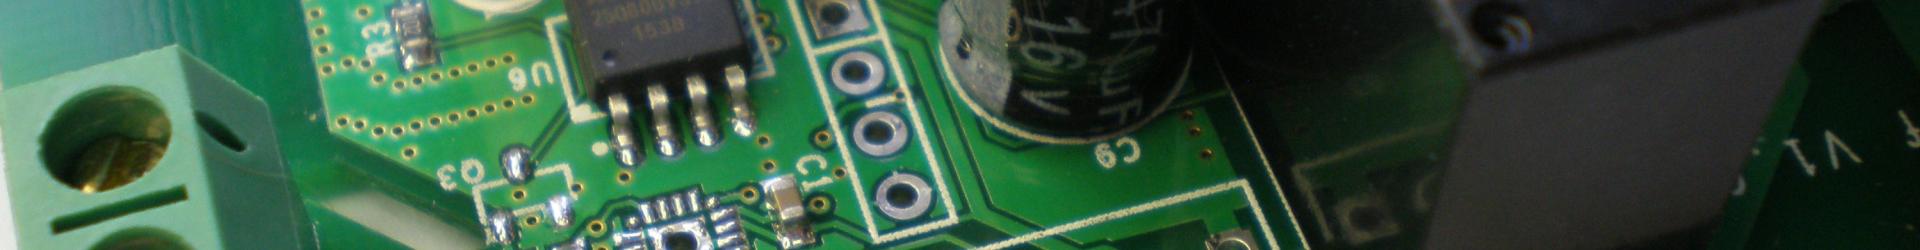 Controllare un Sonoff Basic R1 tramite un pulsante o un interruttore esterno